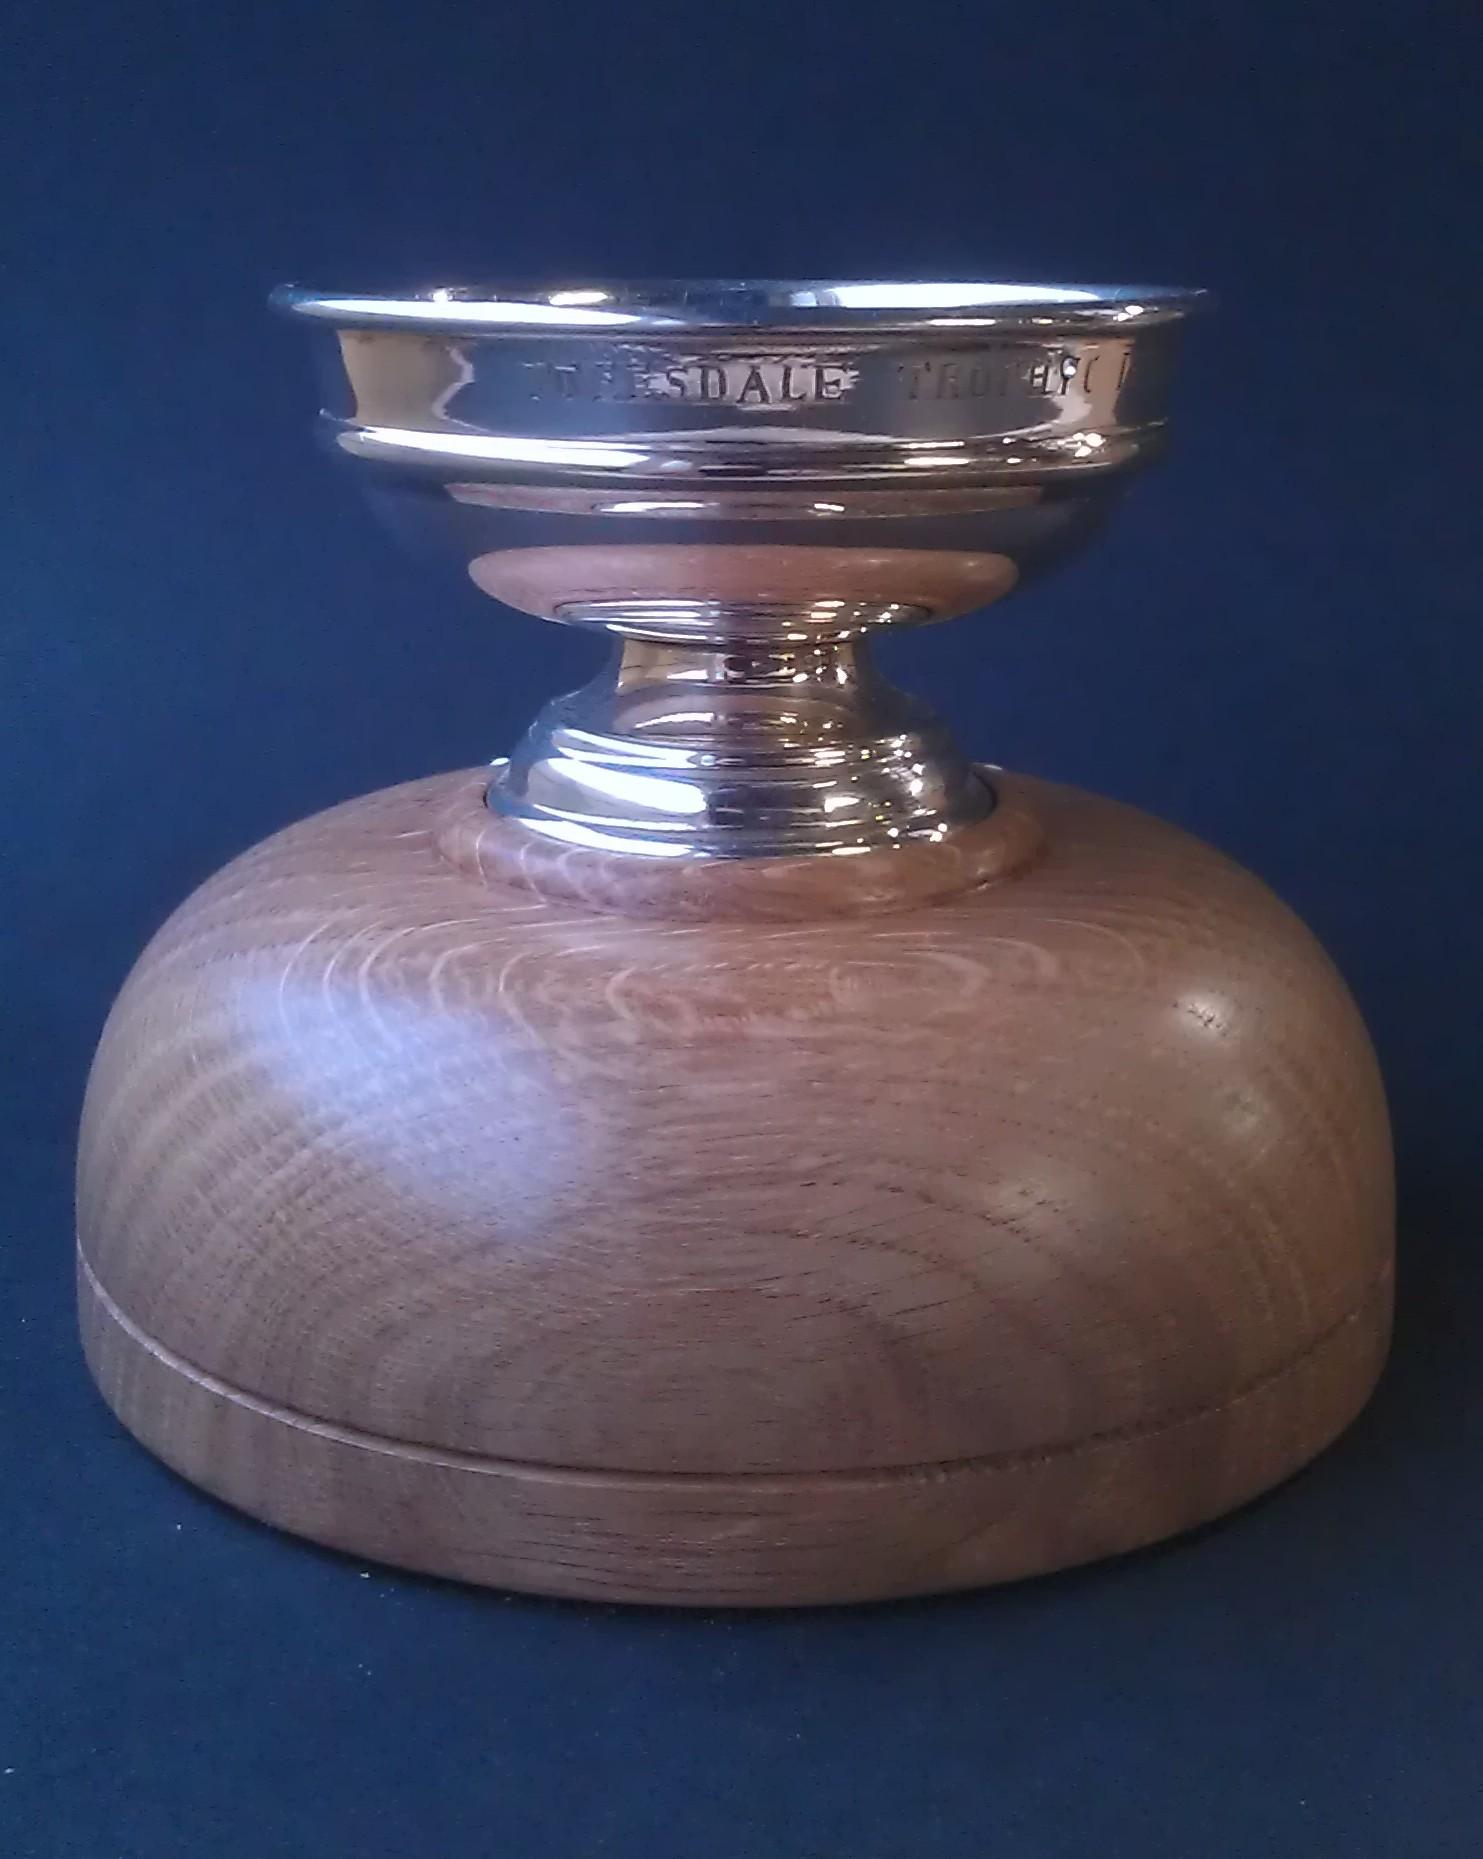 trophy plinth , trophy base, oak, trophy, hand made, Scottish, woodturned, bespoke, custom made, presentation, gift, retirement,